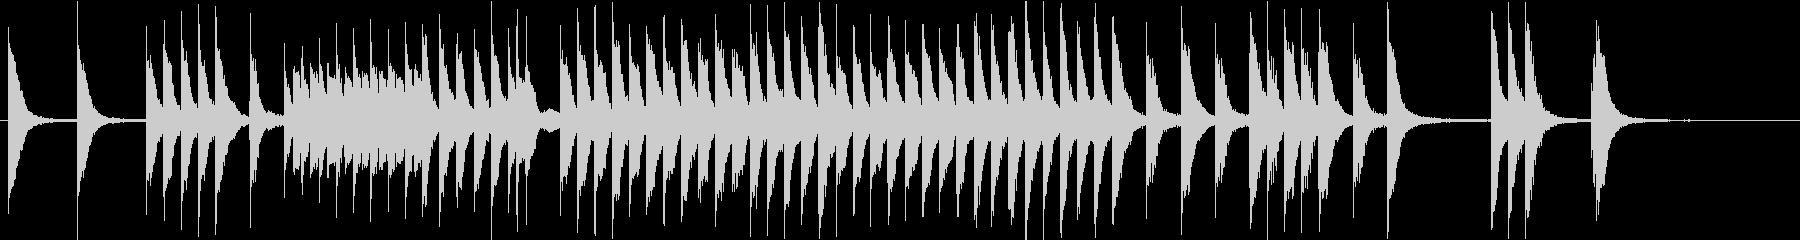 元気で軽快な子供/ペット映像 ピアノソロの未再生の波形